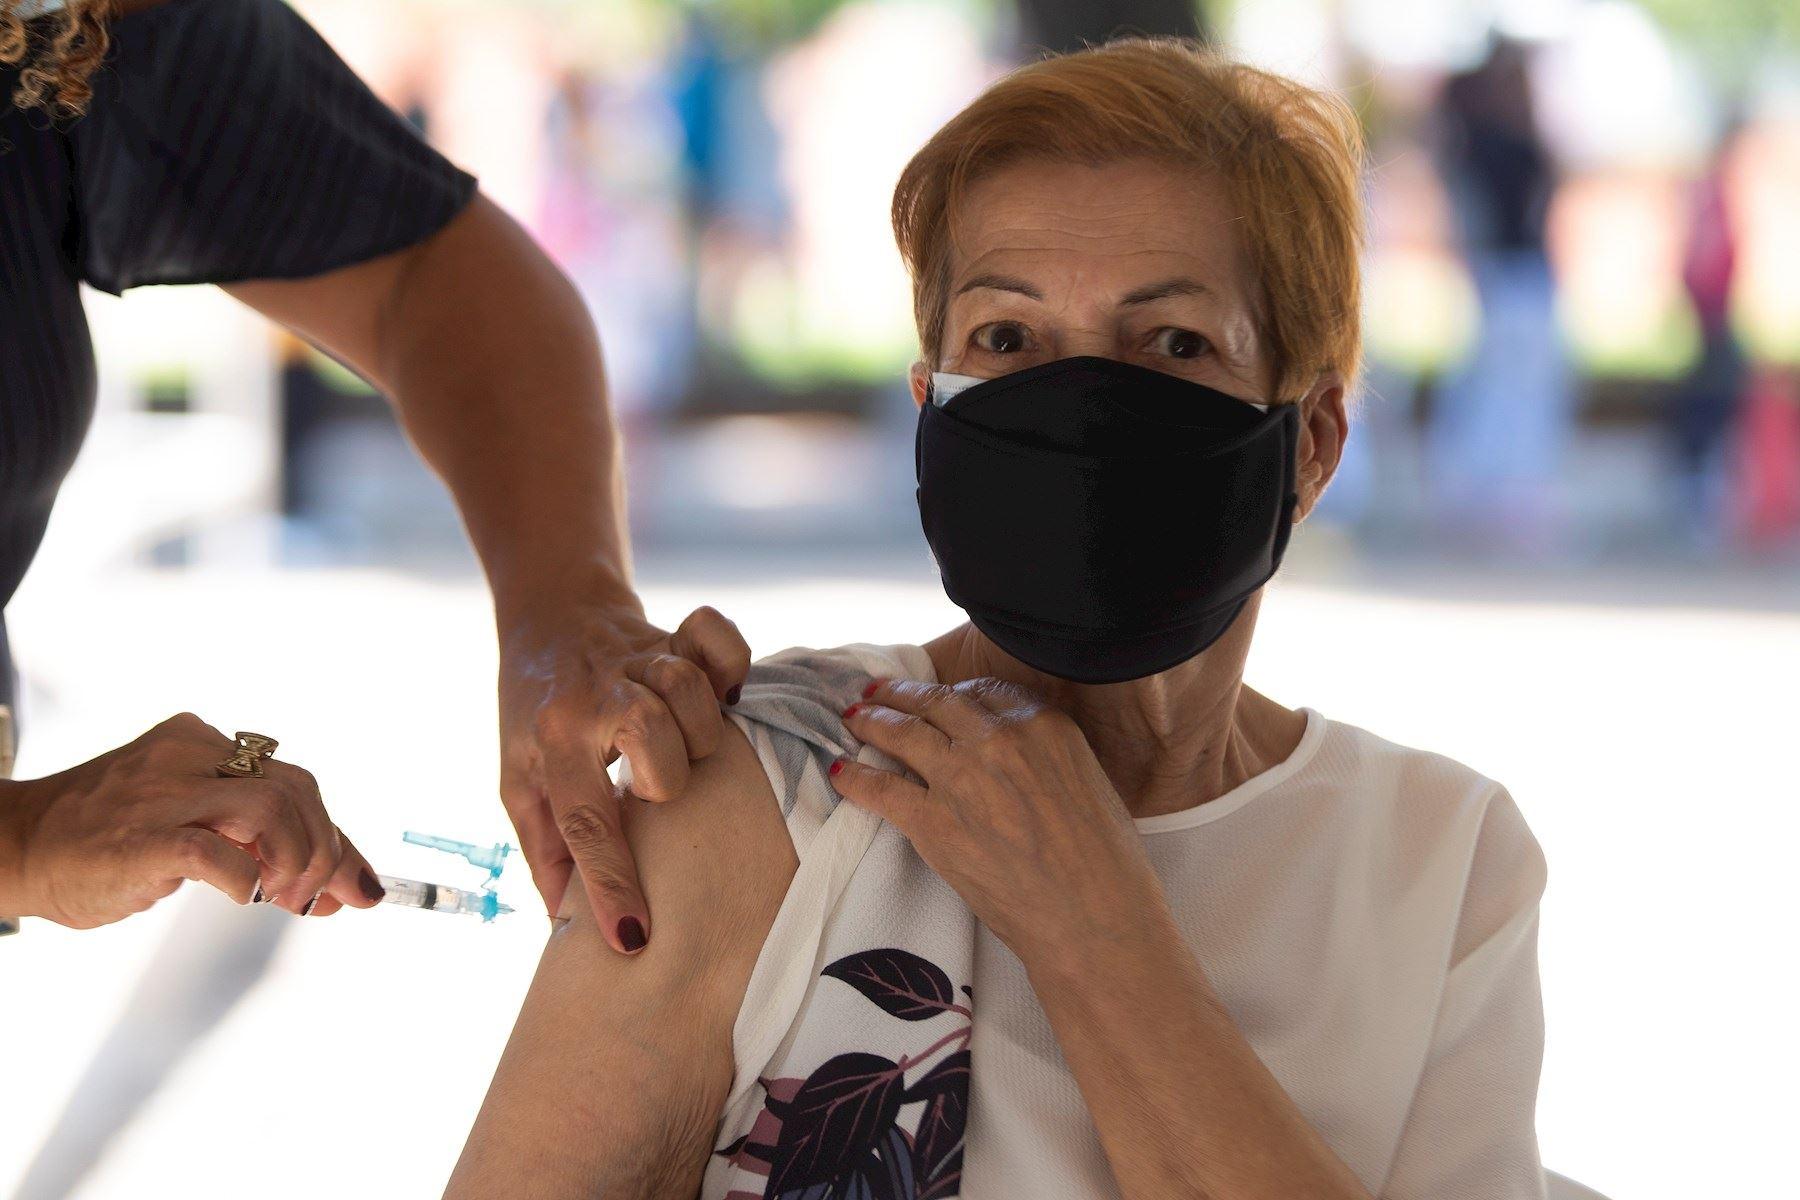 brasil-supera-los-10-millones-de-casos-en-medio-de-polemicas-por-la-vacunacion